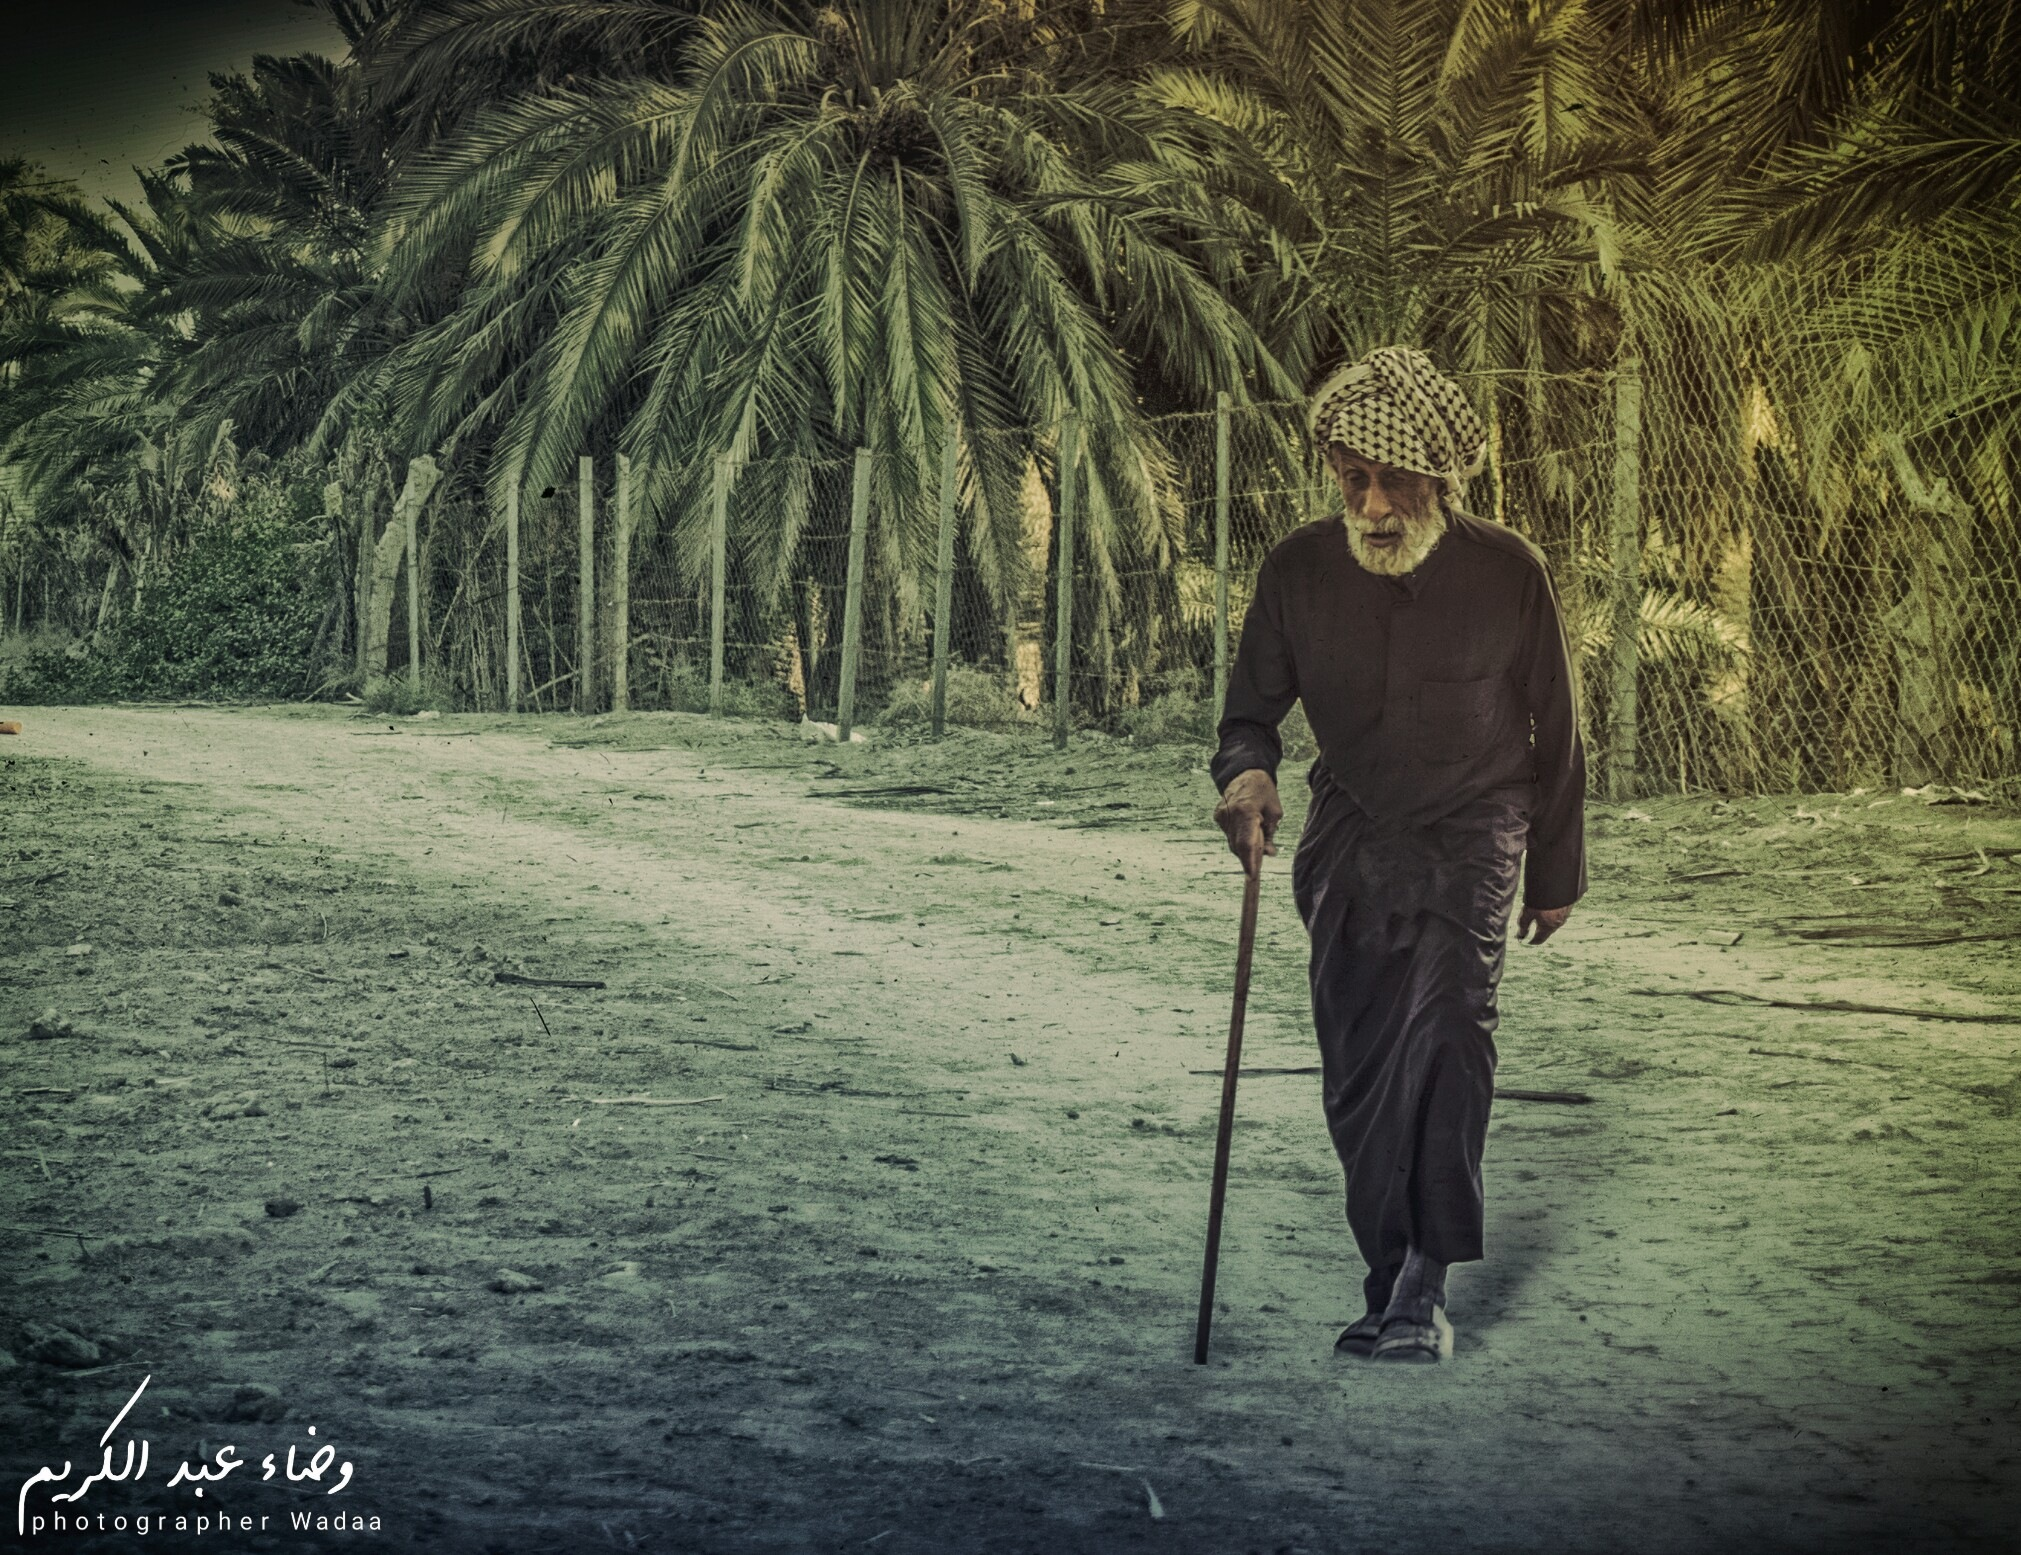 الشيبه by Wadaa